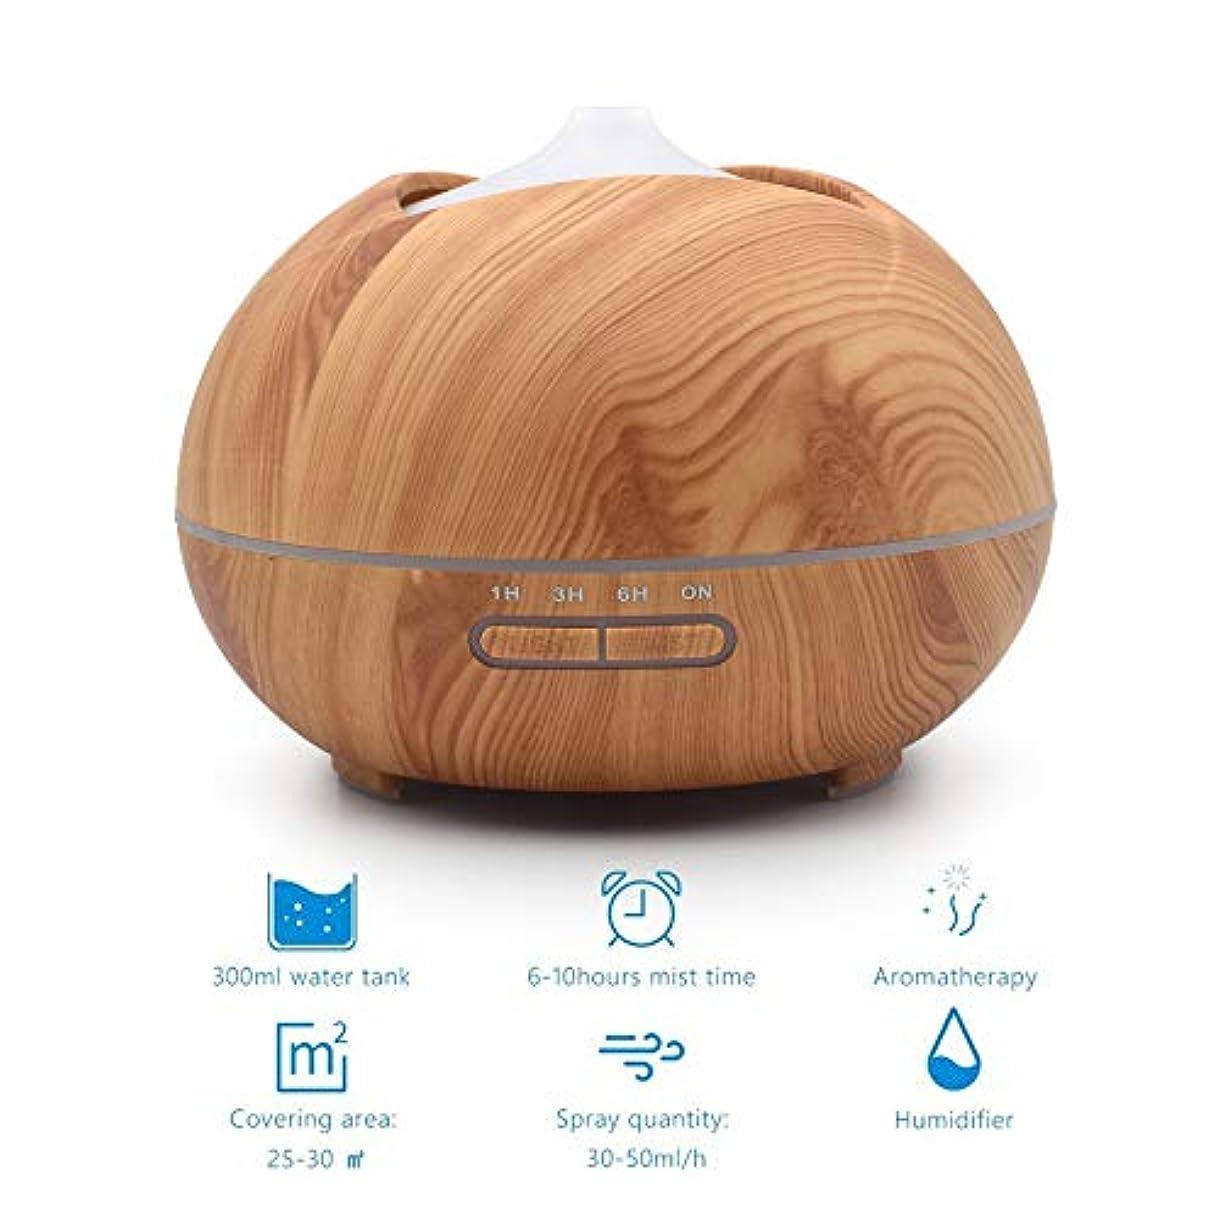 辞書ブラウズ無し木目クールミスト加湿器、500ミリリットルアロマセラピーディフューザー付き2ミストモードささやき静かな加湿器用寝室、ホーム、オフィス,lightwoodgrain